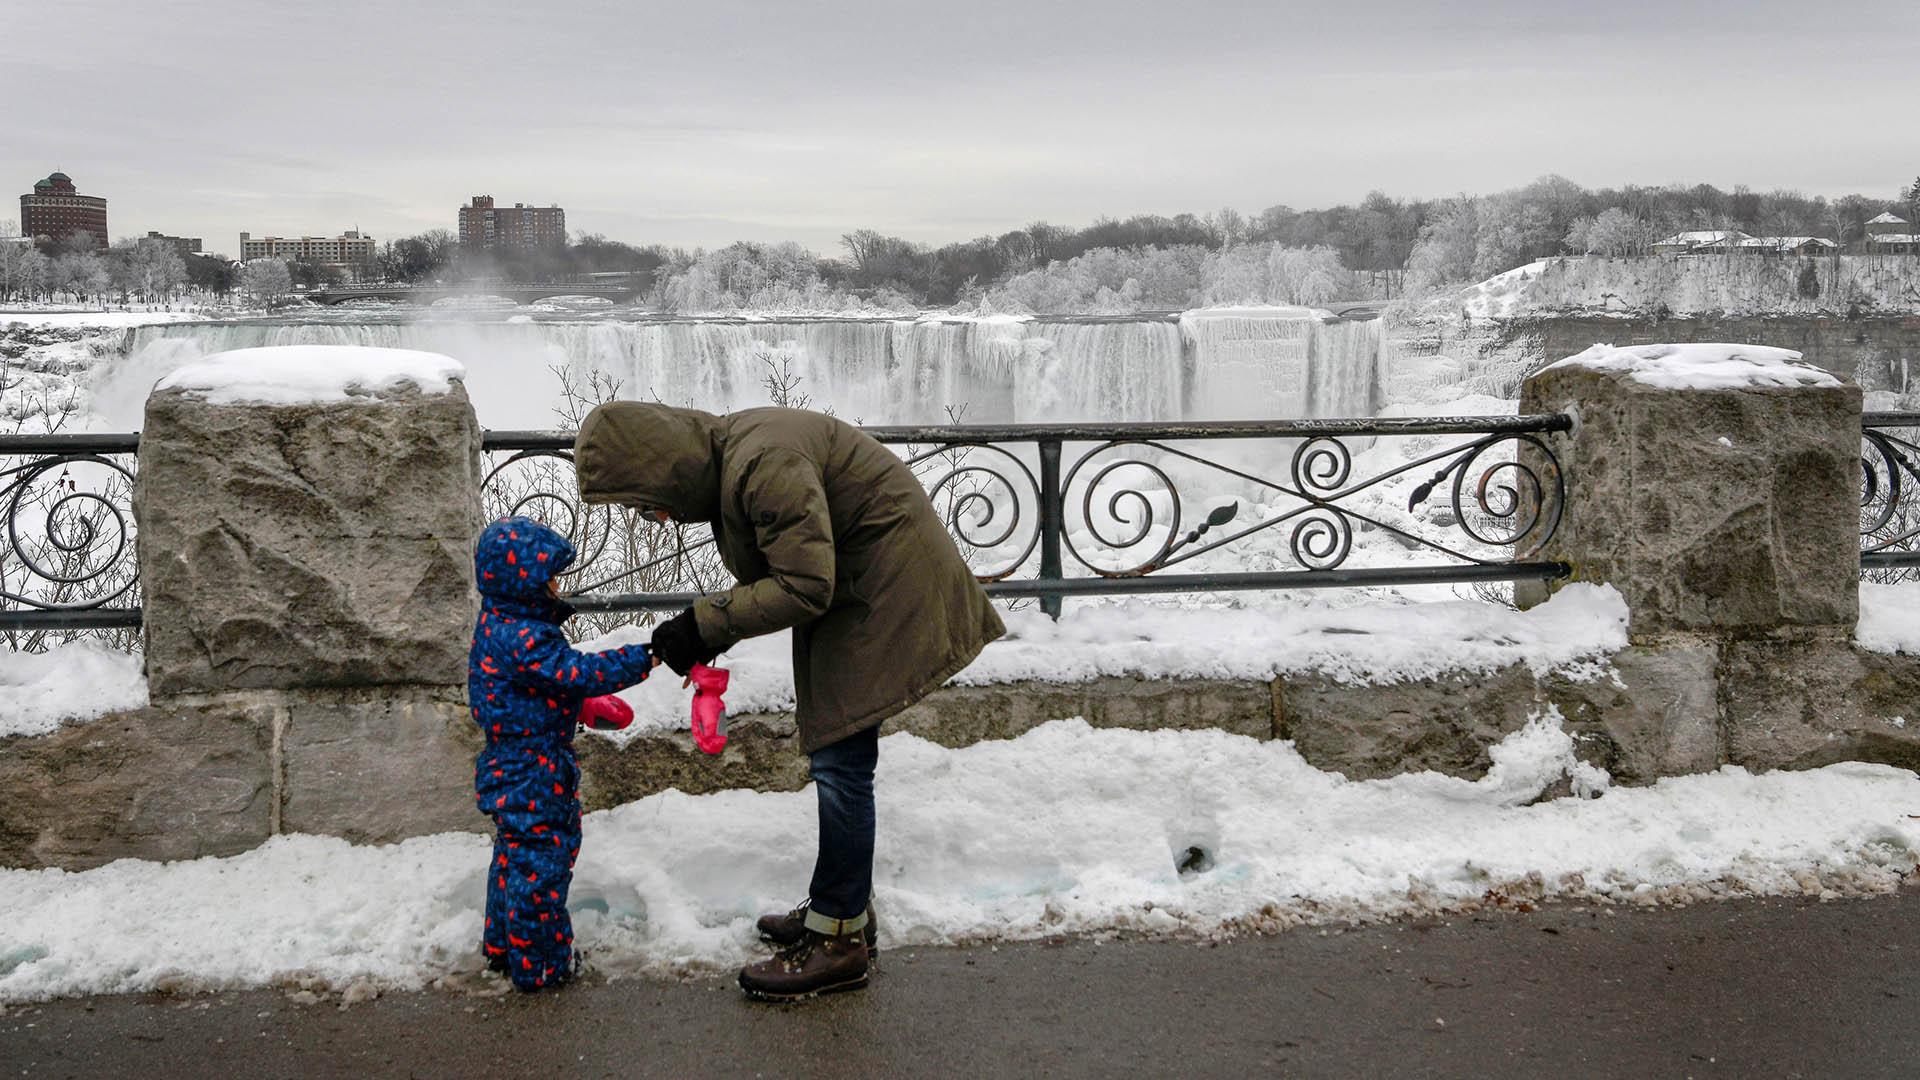 Los visitantes deben extremar las medidas para protegerse del frío